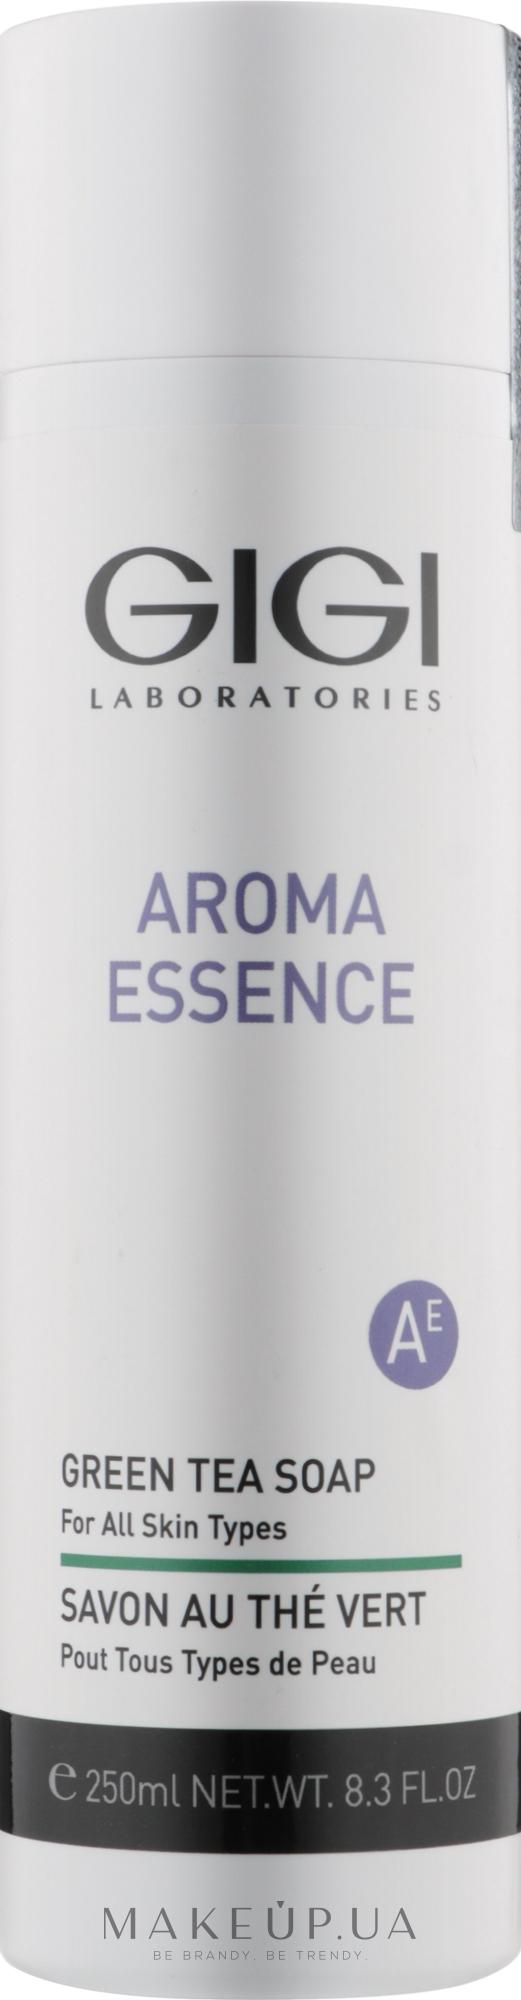 Мило з зеленим чаєм для всіх типів шкіри - Gigi Aroma Essence Green Tea Soap — фото 250ml